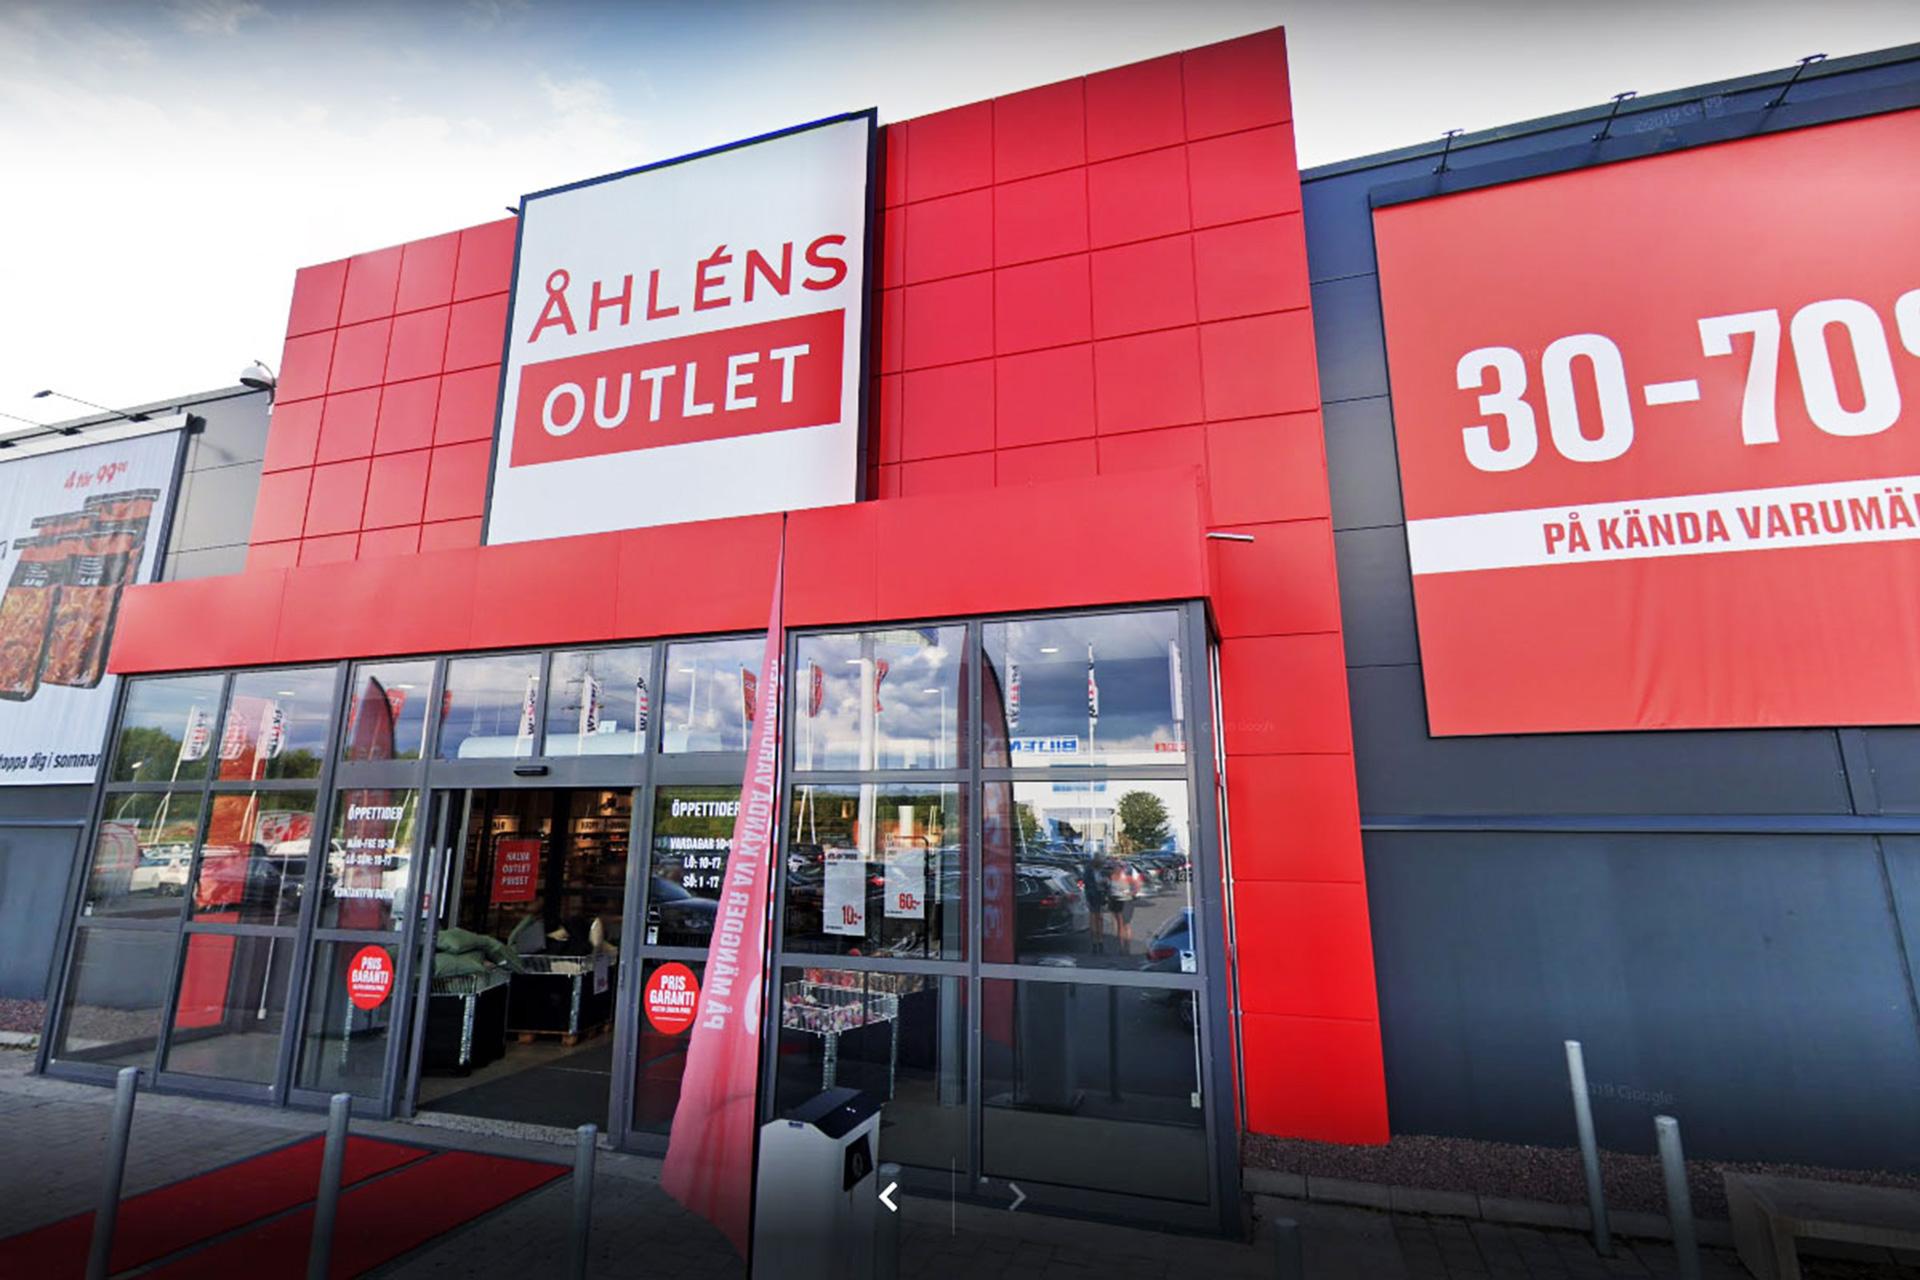 Åhlens Outlet i Västerås. Foto: Pressbild